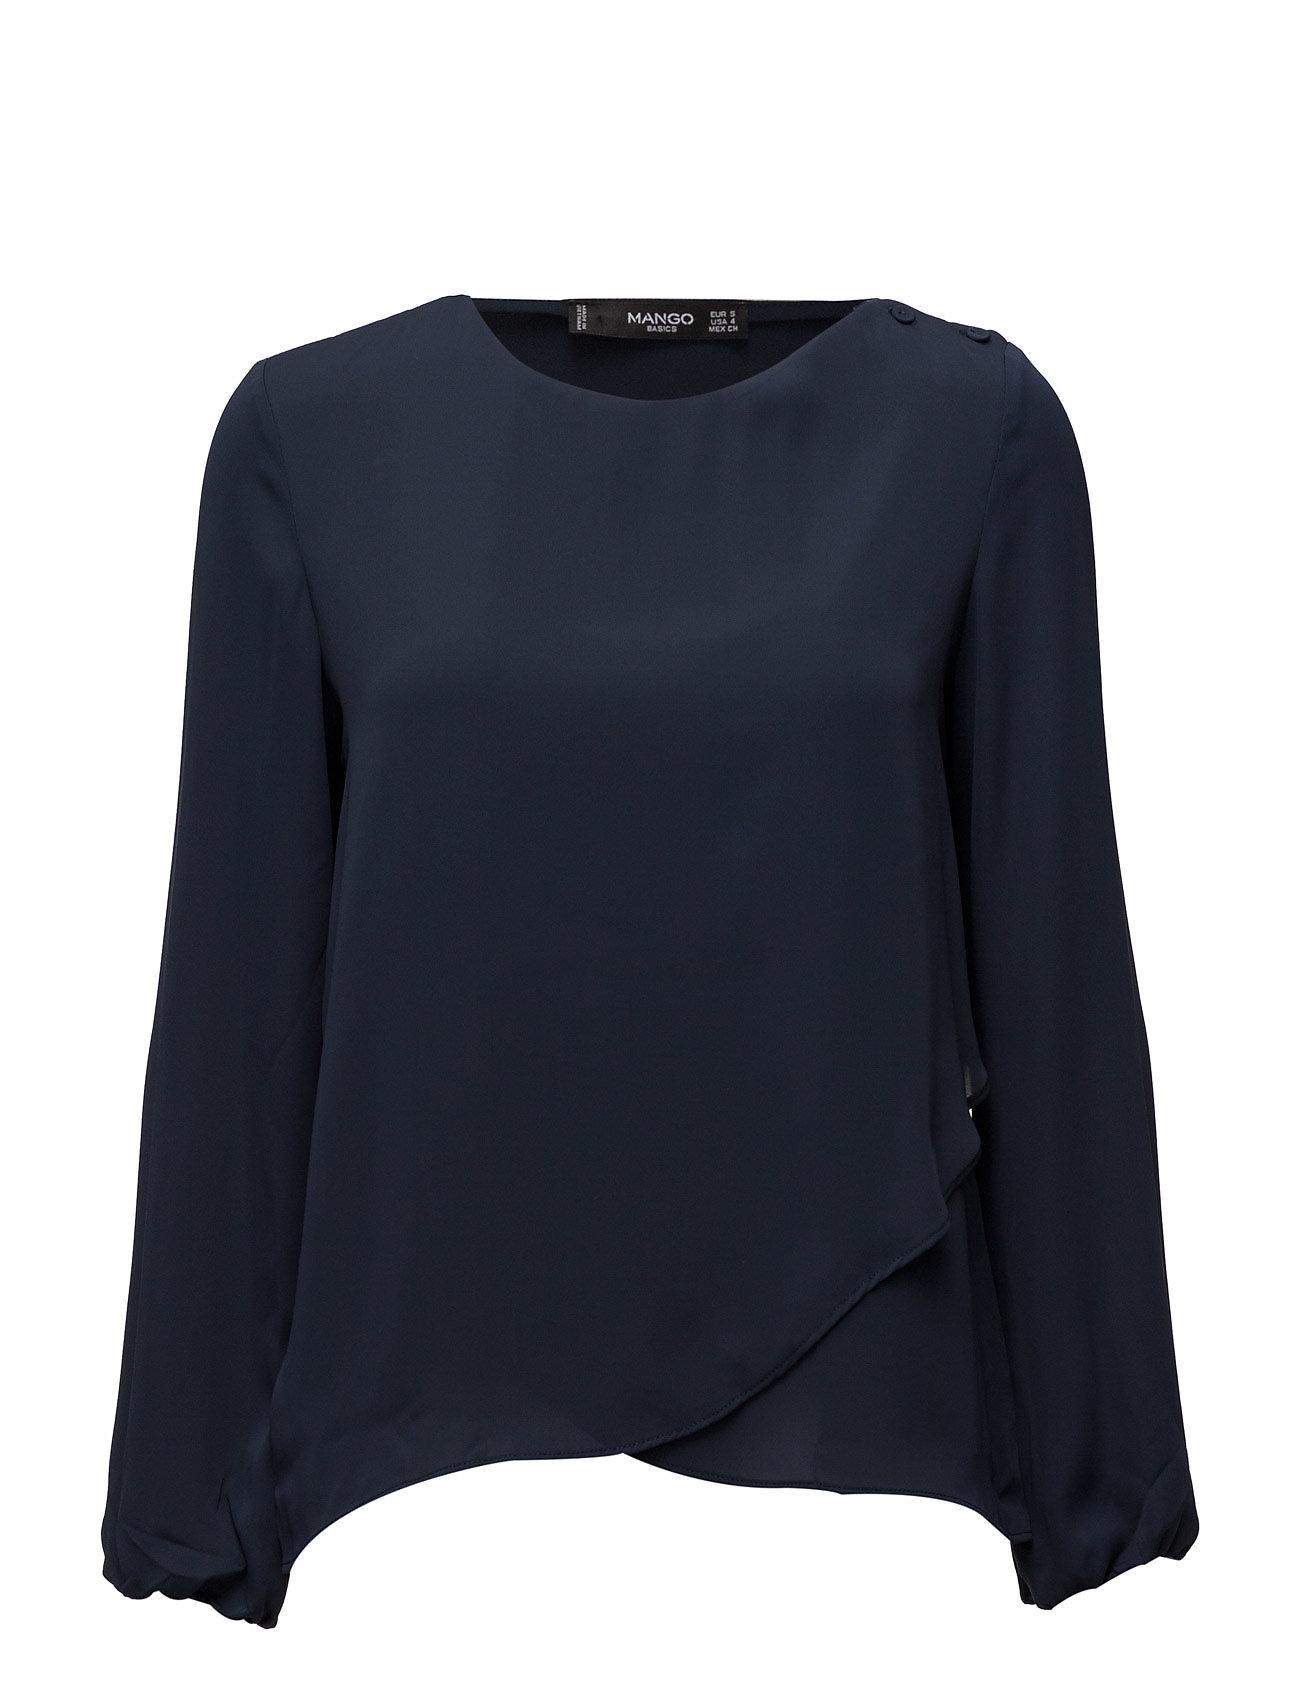 Wrap Blouse Mango Bluser til Kvinder i Navy blå